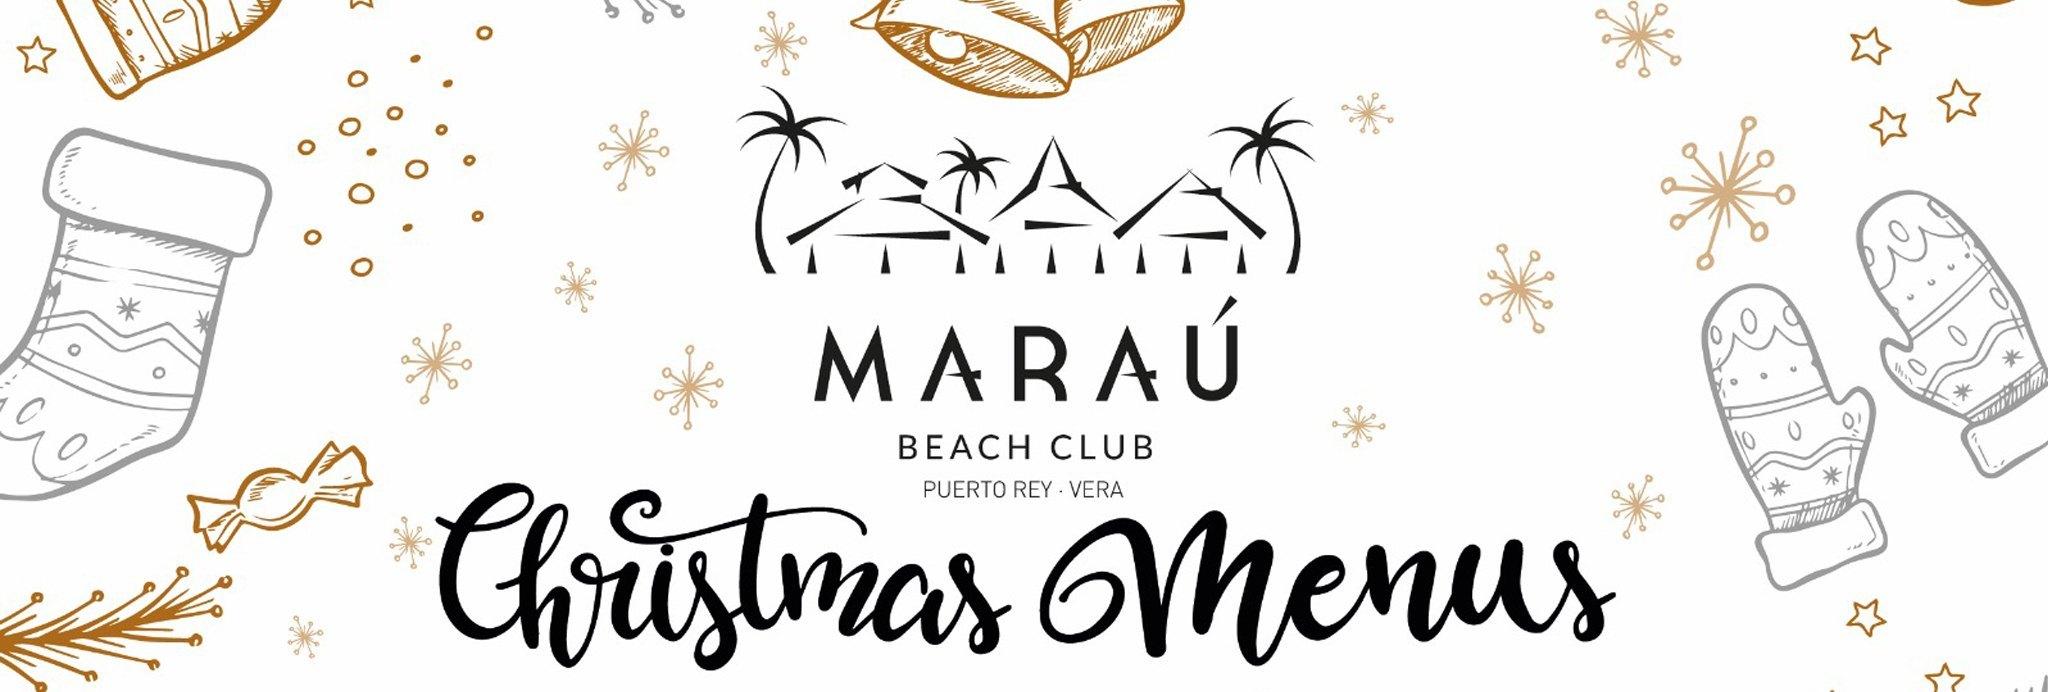 Menús grupos Navidad 2018 Restaurante Maraú Beach Club